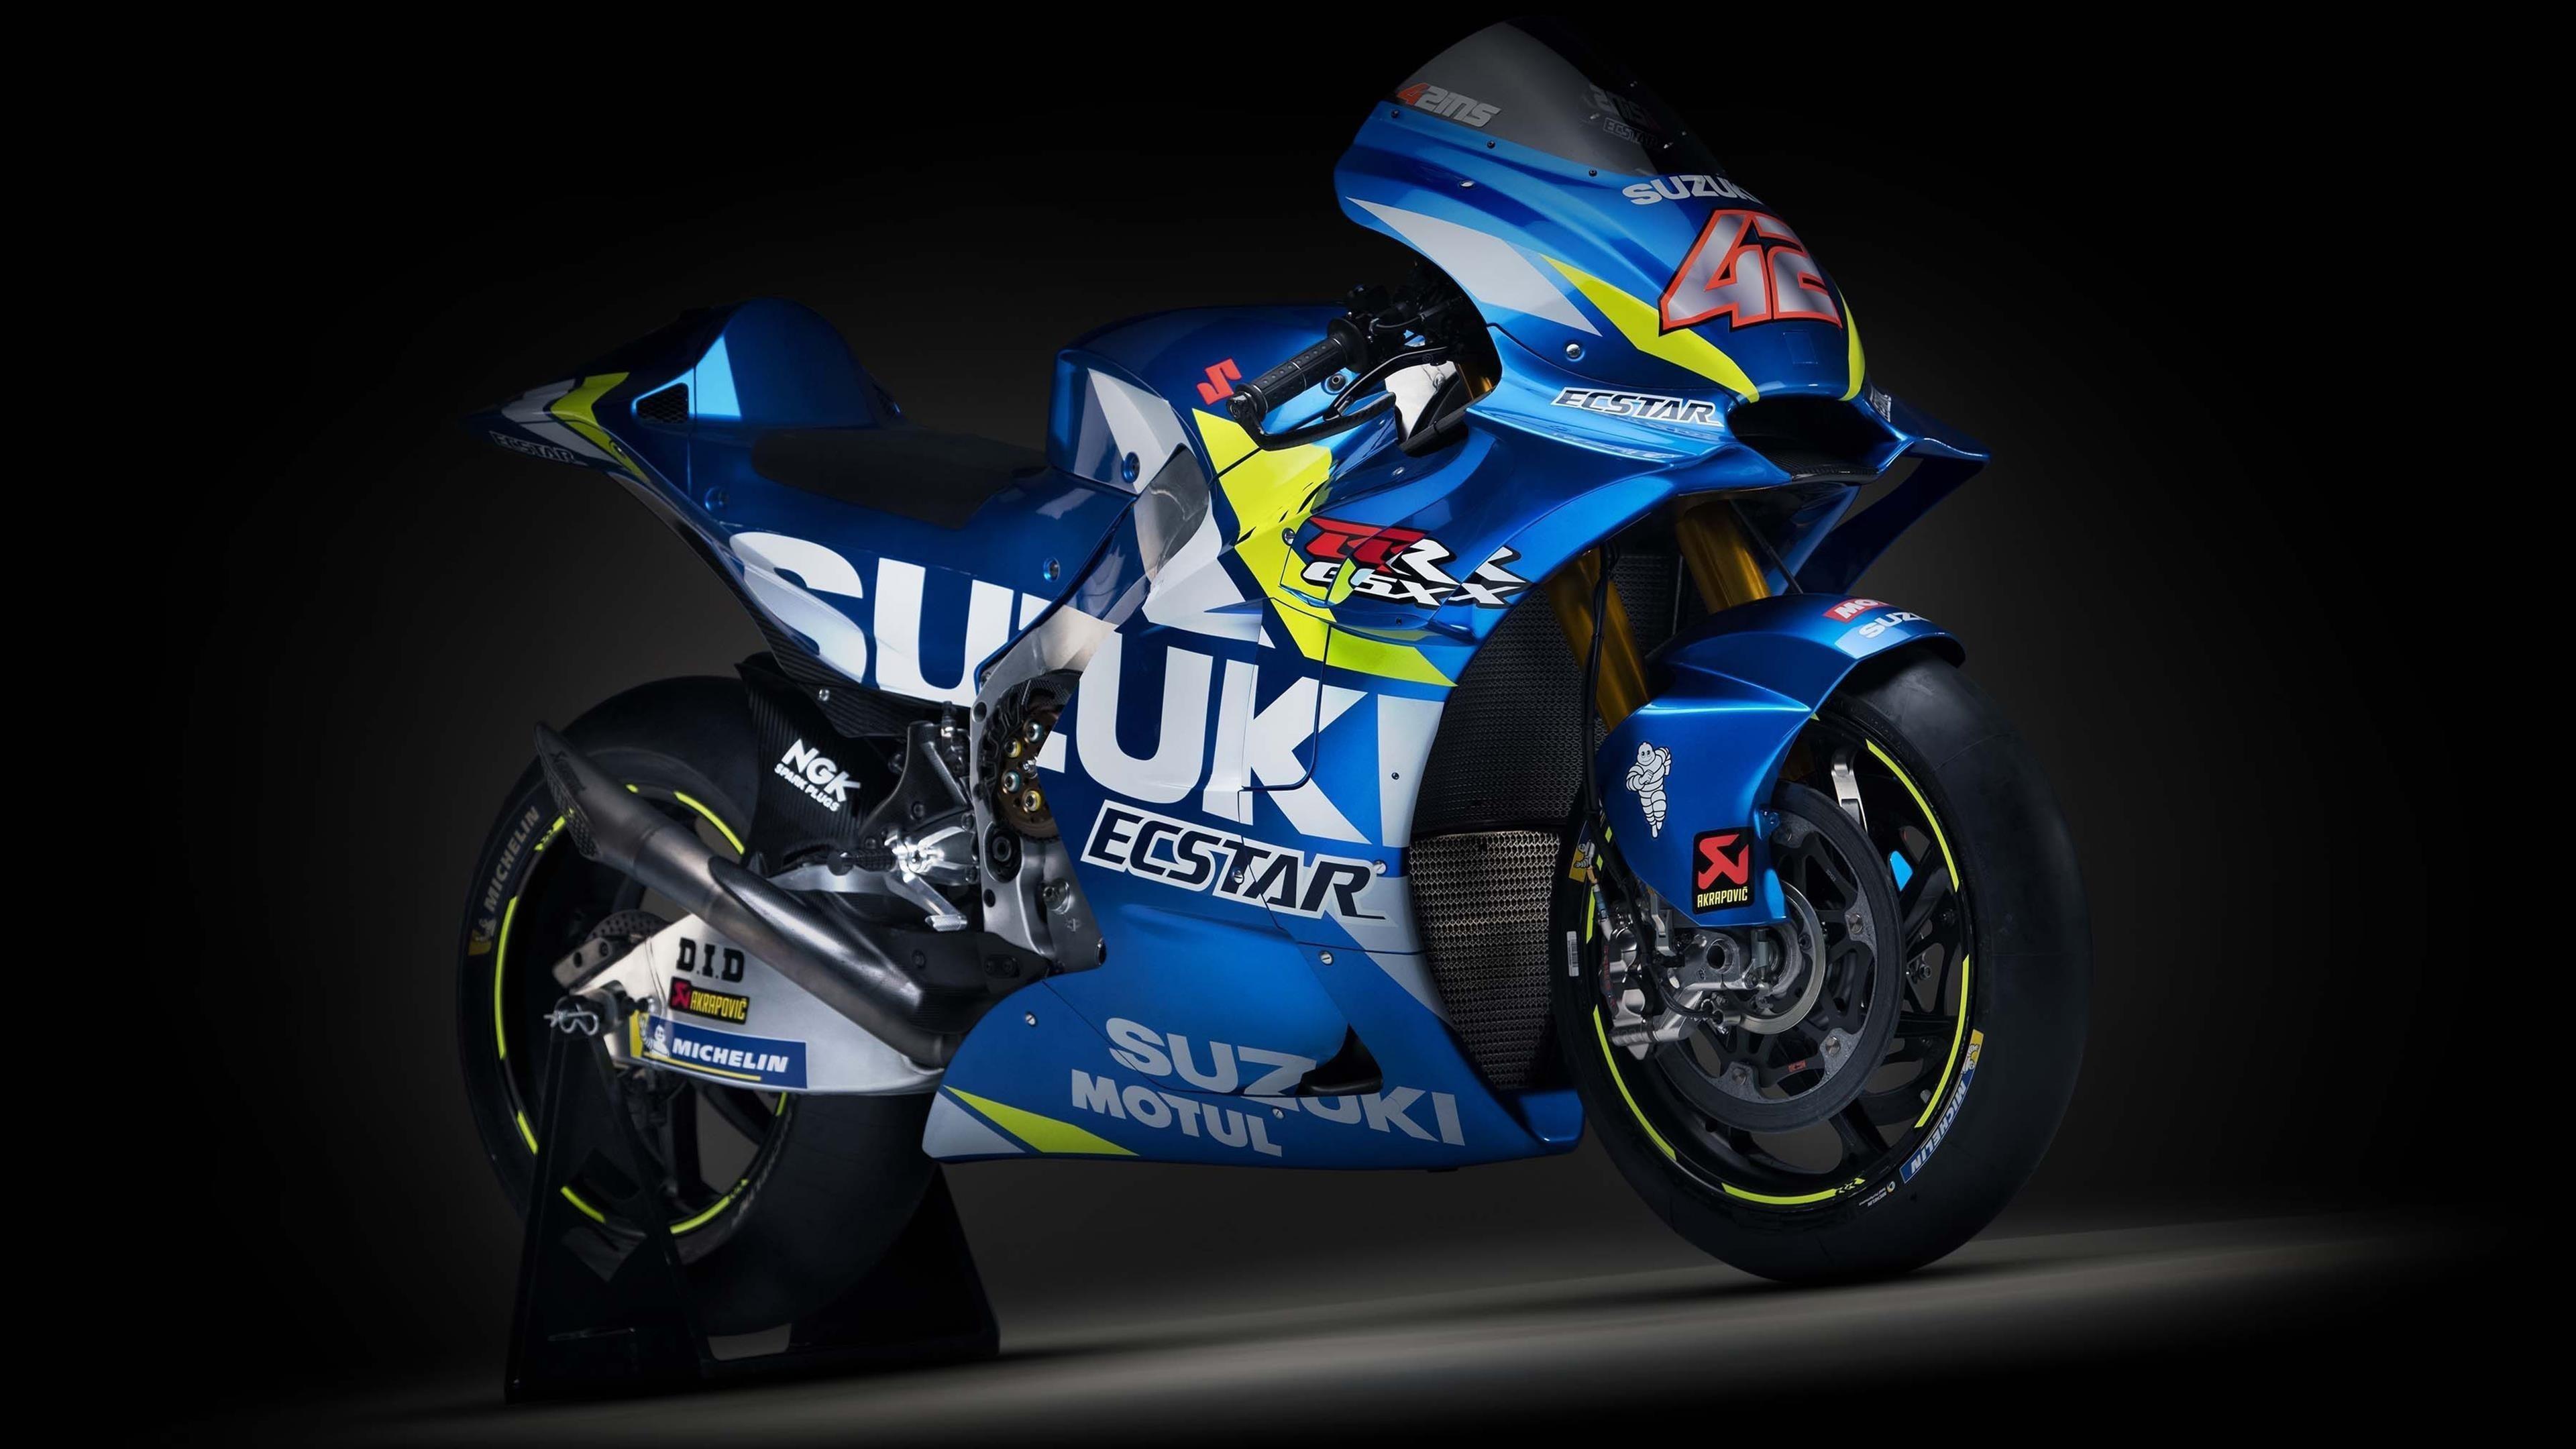 2019 suzuki gsx-rr motogp обои скачать